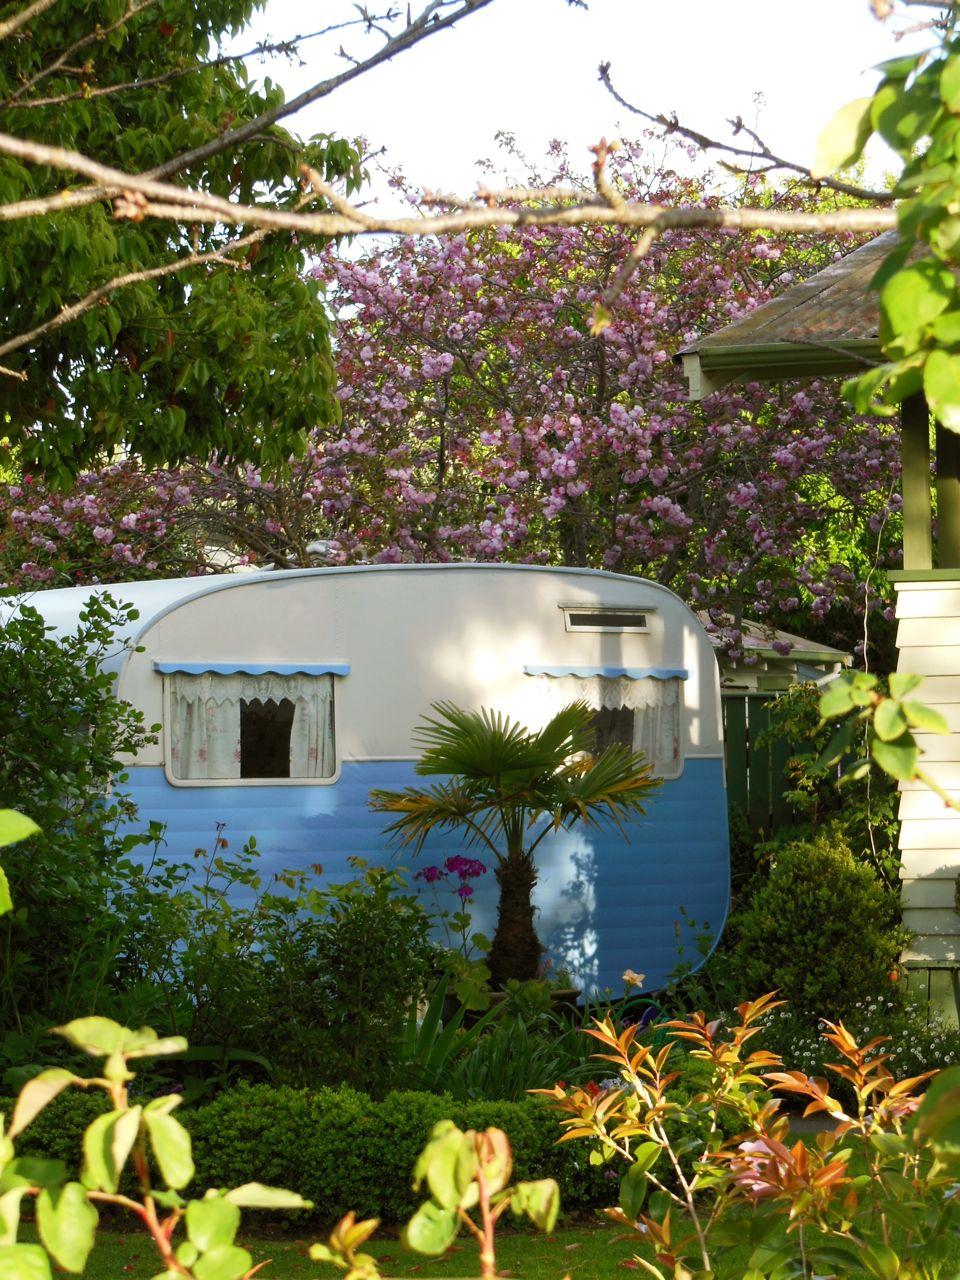 Lucy our vintage caravan